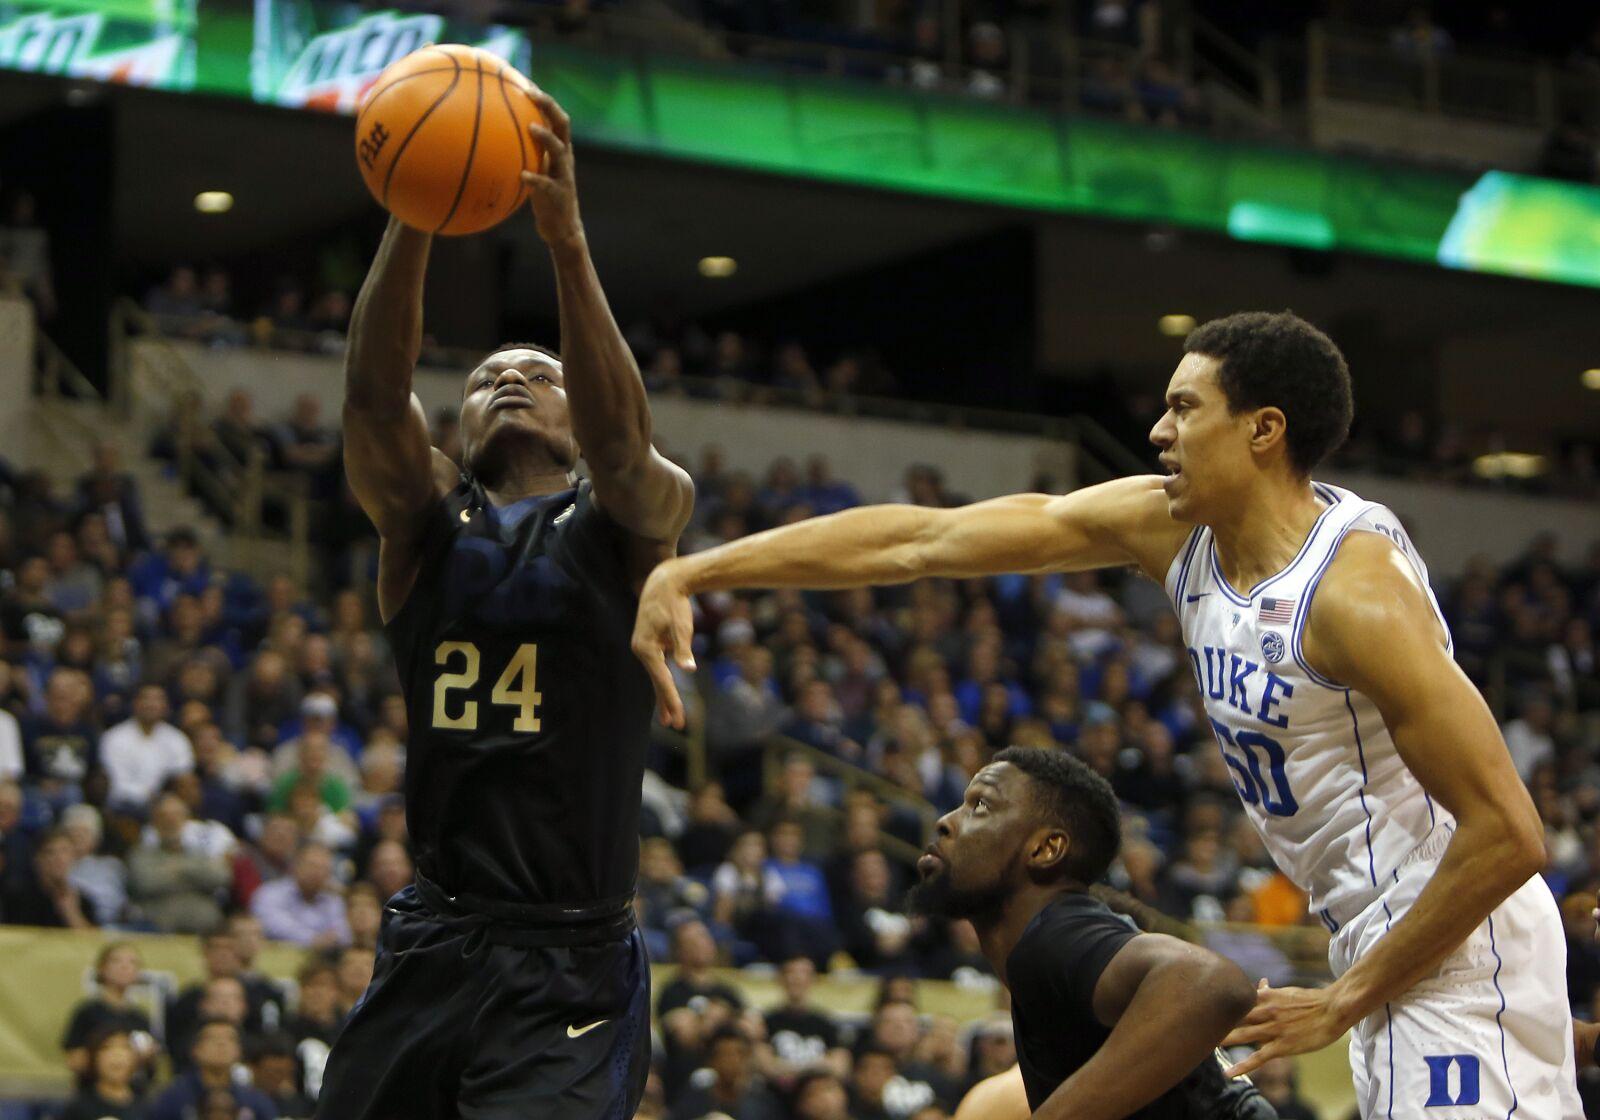 Justin Robinson named Duke Basketball captain for 2019-20 season